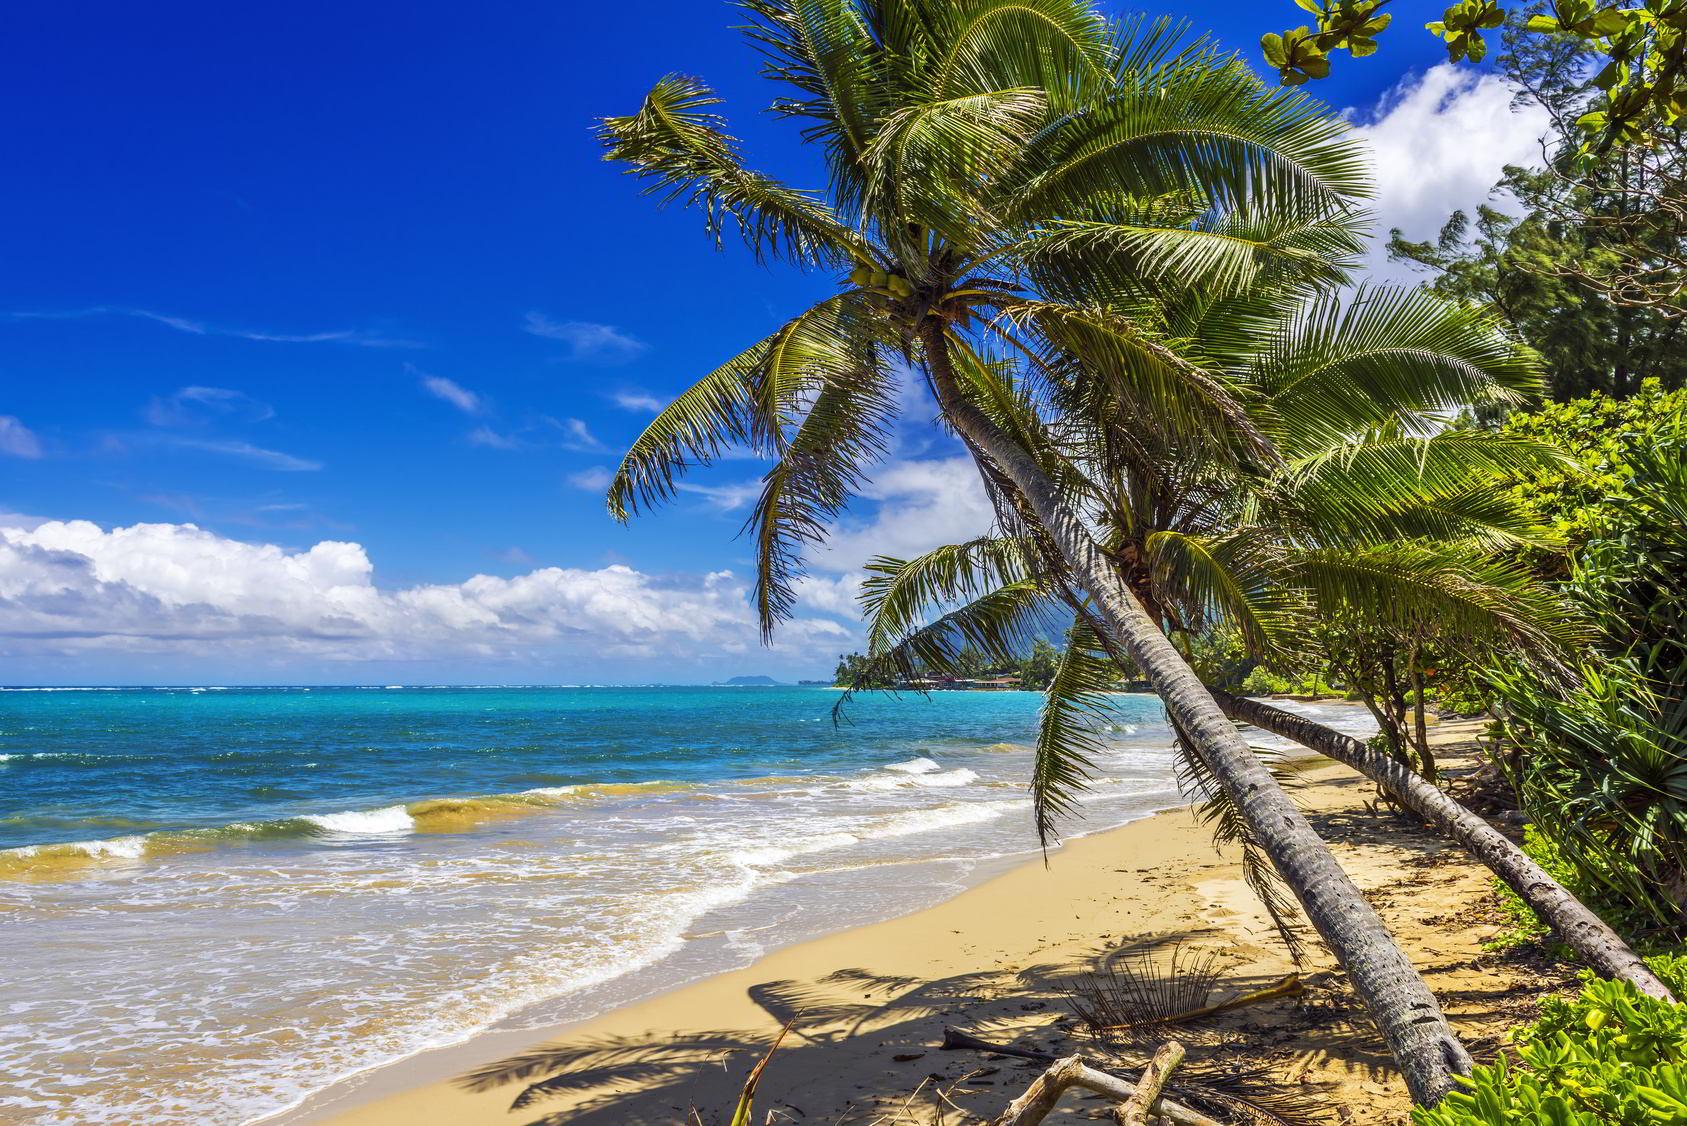 Hawaii, California